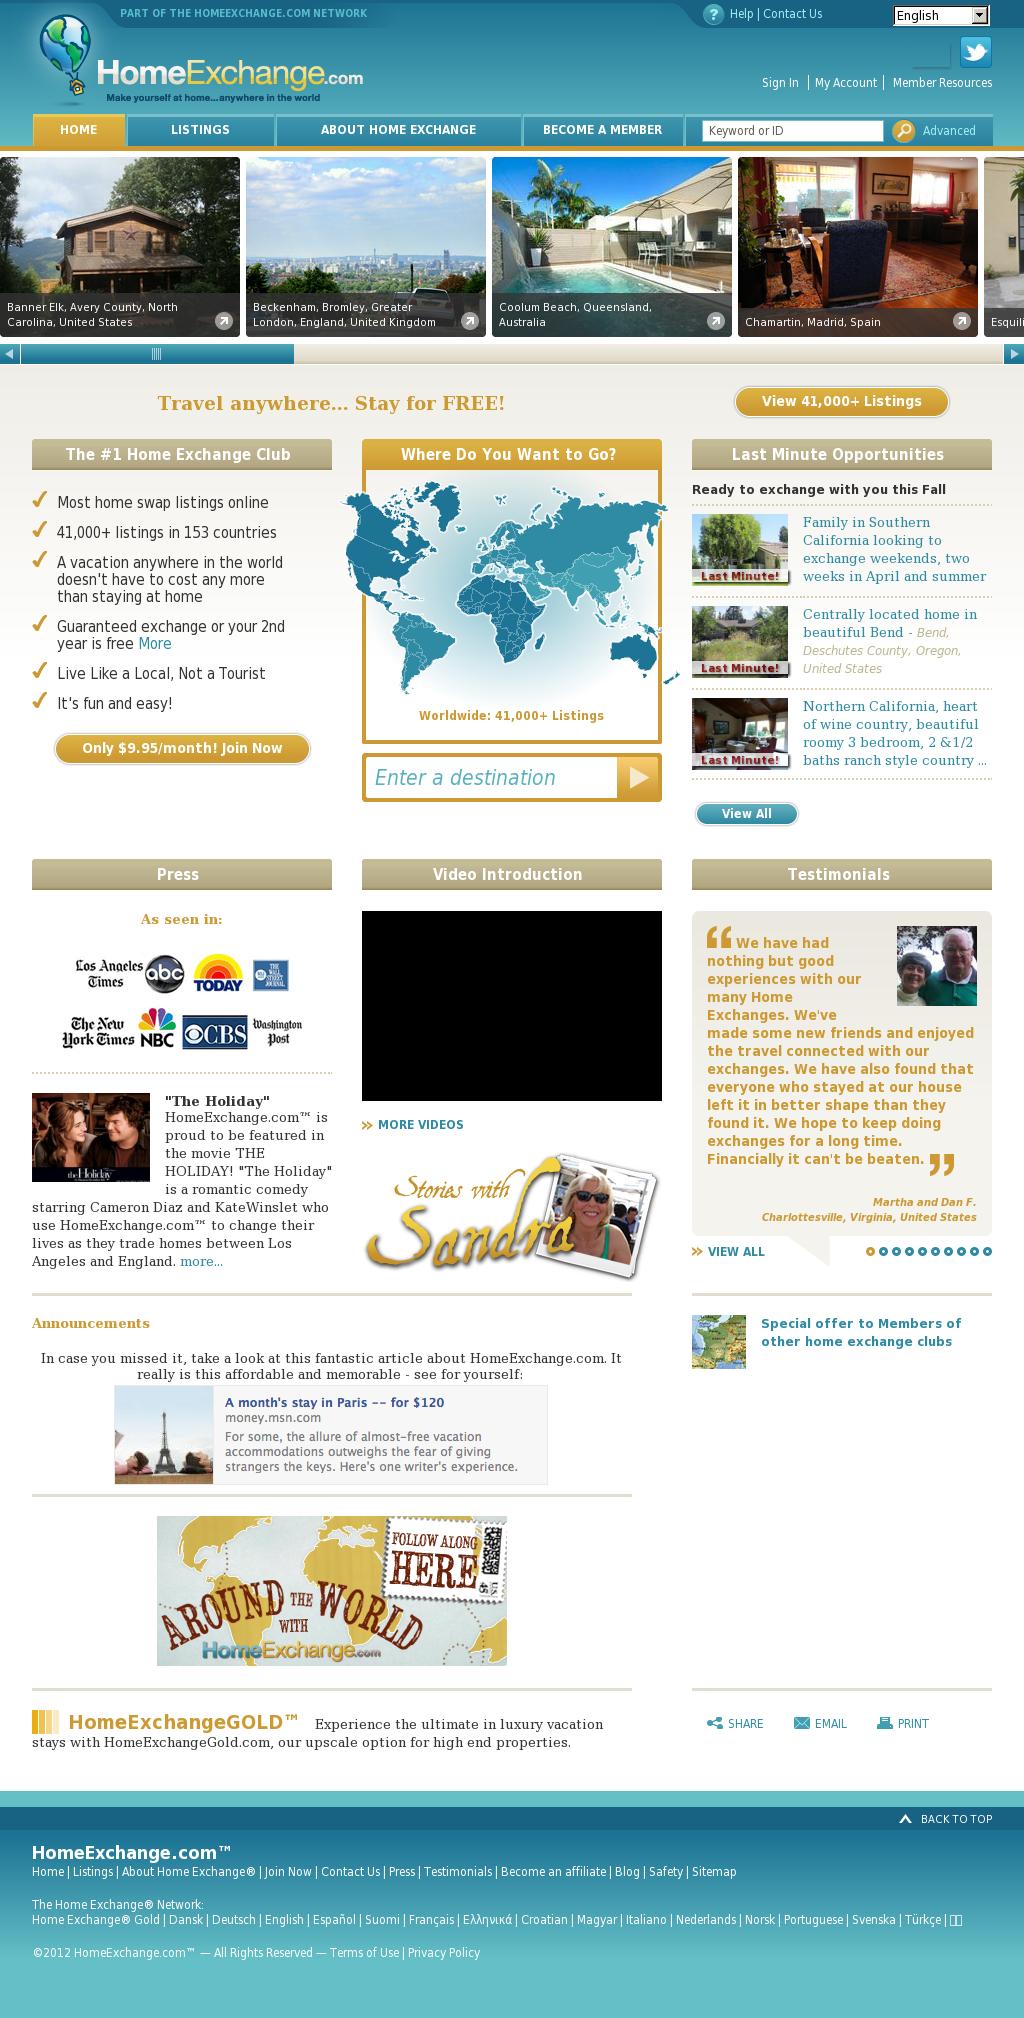 Homeexchange Compeors Revenue And